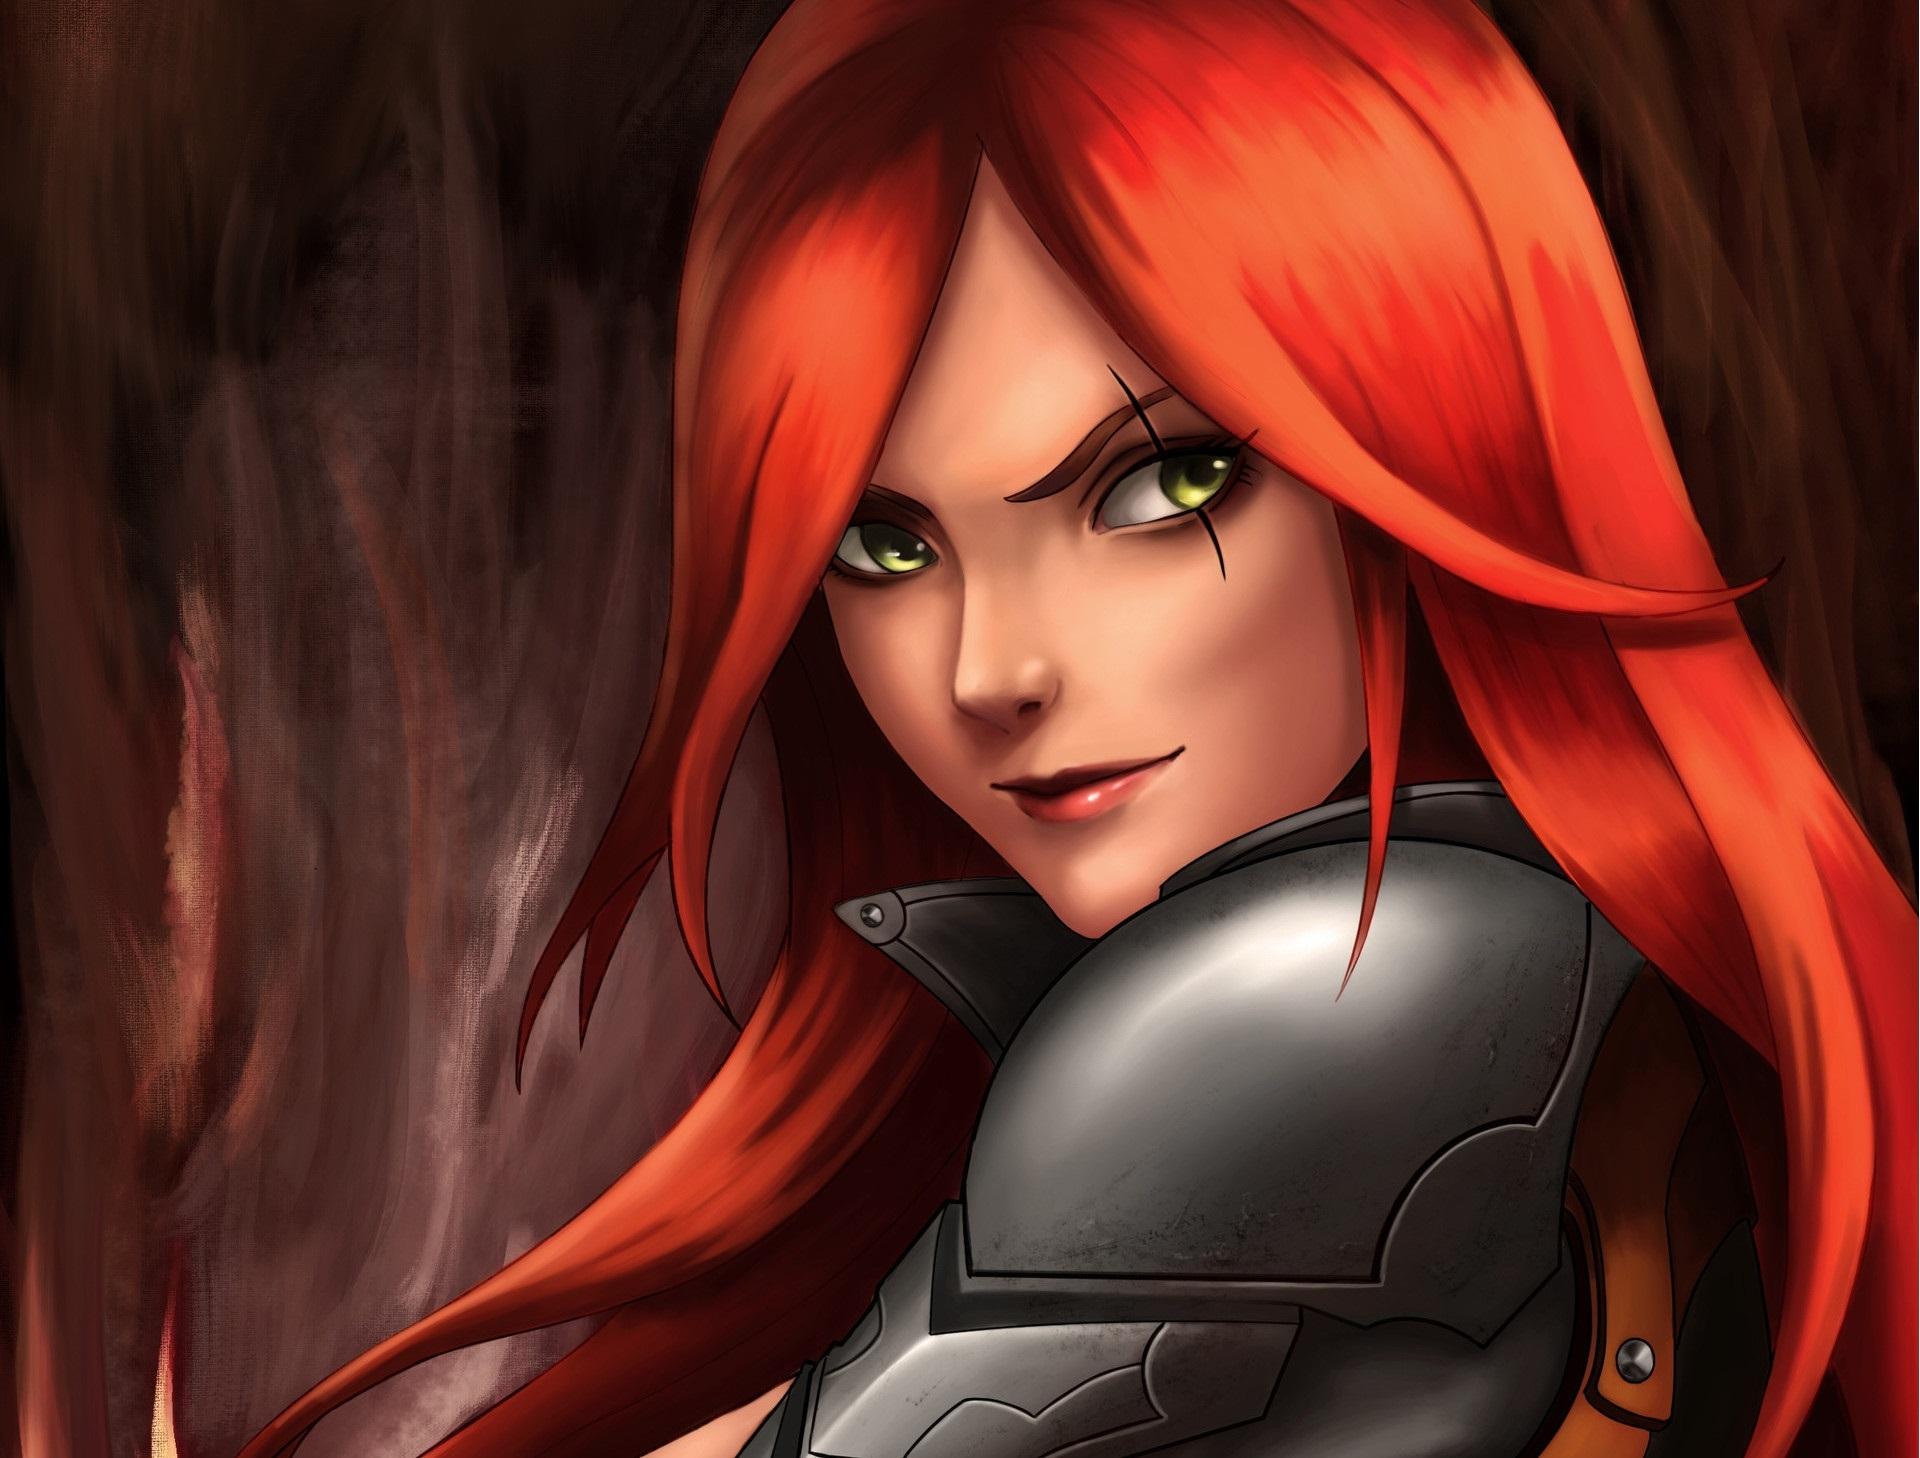 Women Warrior Art - ID: 49846 - Art Abyss